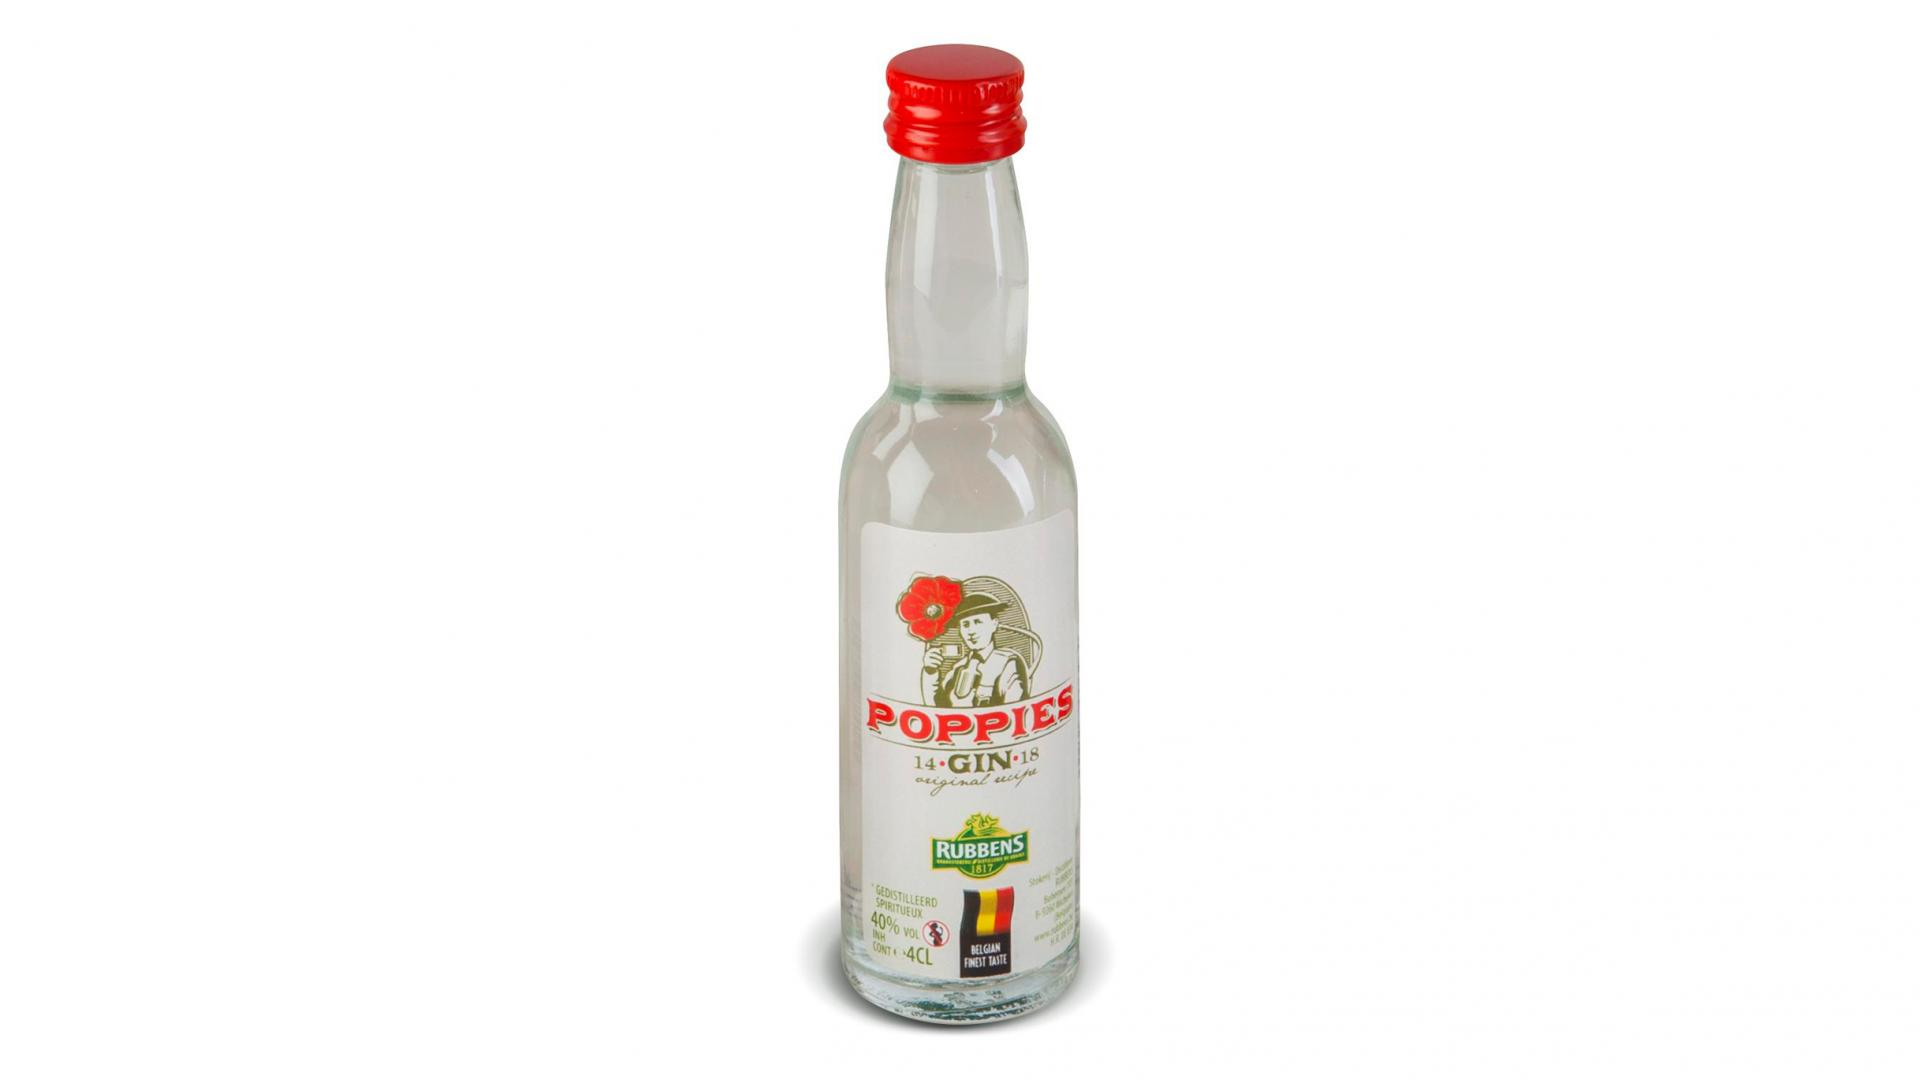 Rubbens Poppies Gin 4 cl | Gin belge | Belartisan